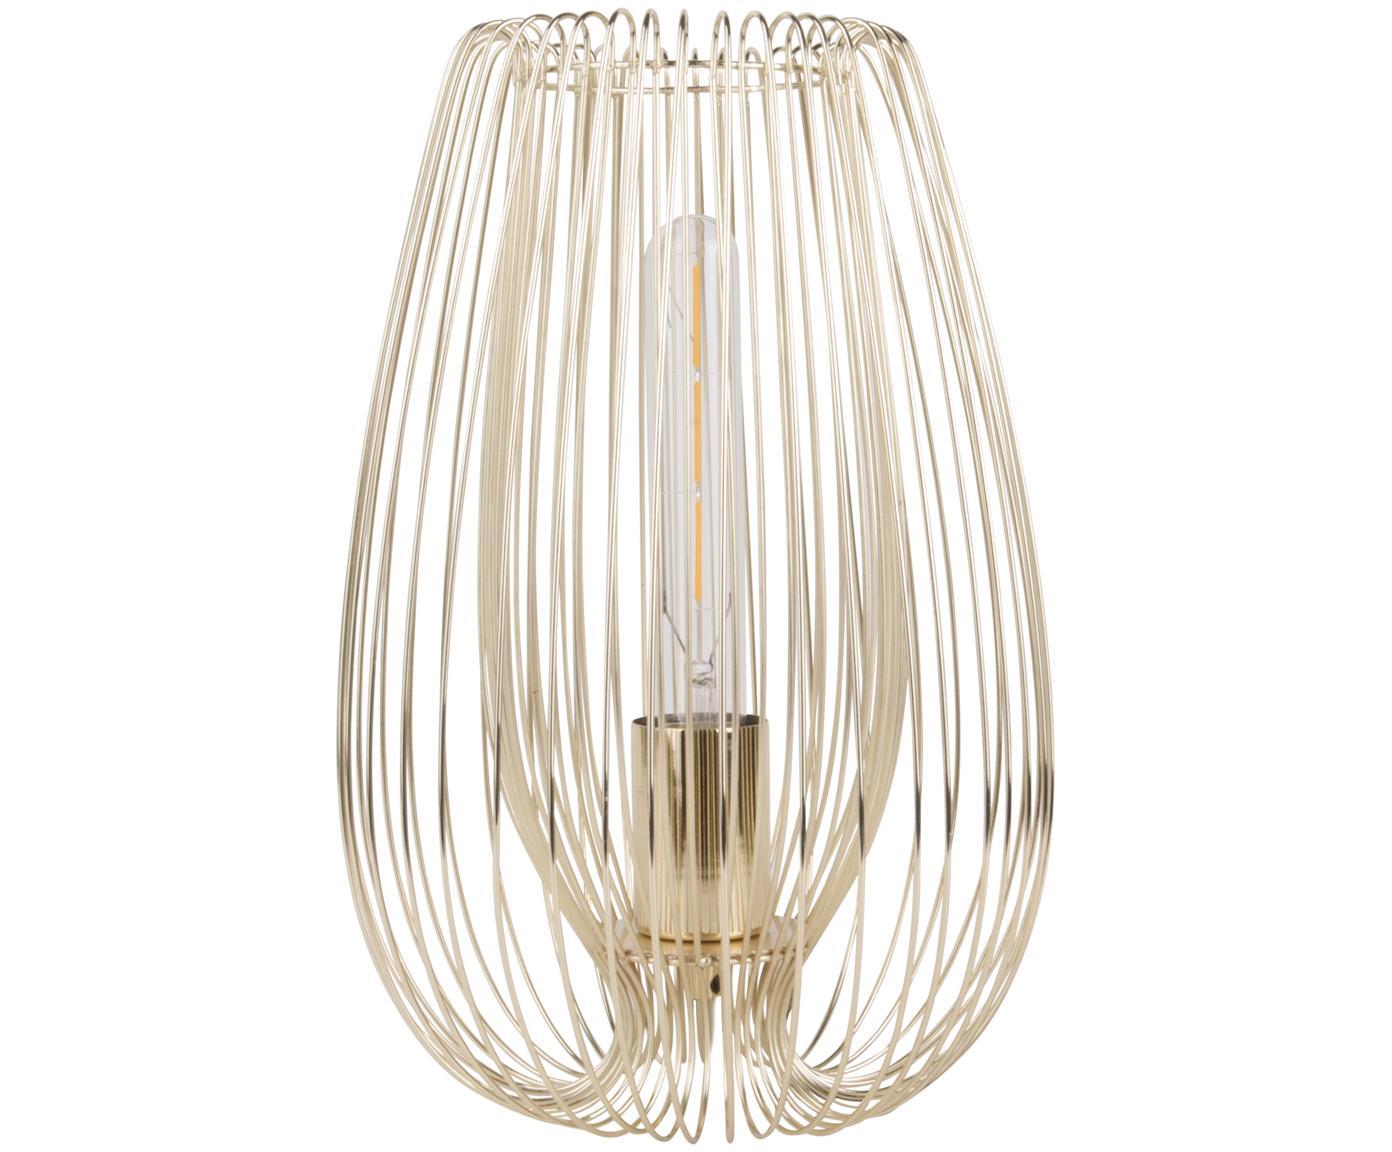 Lampada da tavolo retrò Lucid, Lampada: metallo verniciato, Ottonato, Ø 22 x Alt. 33 cm